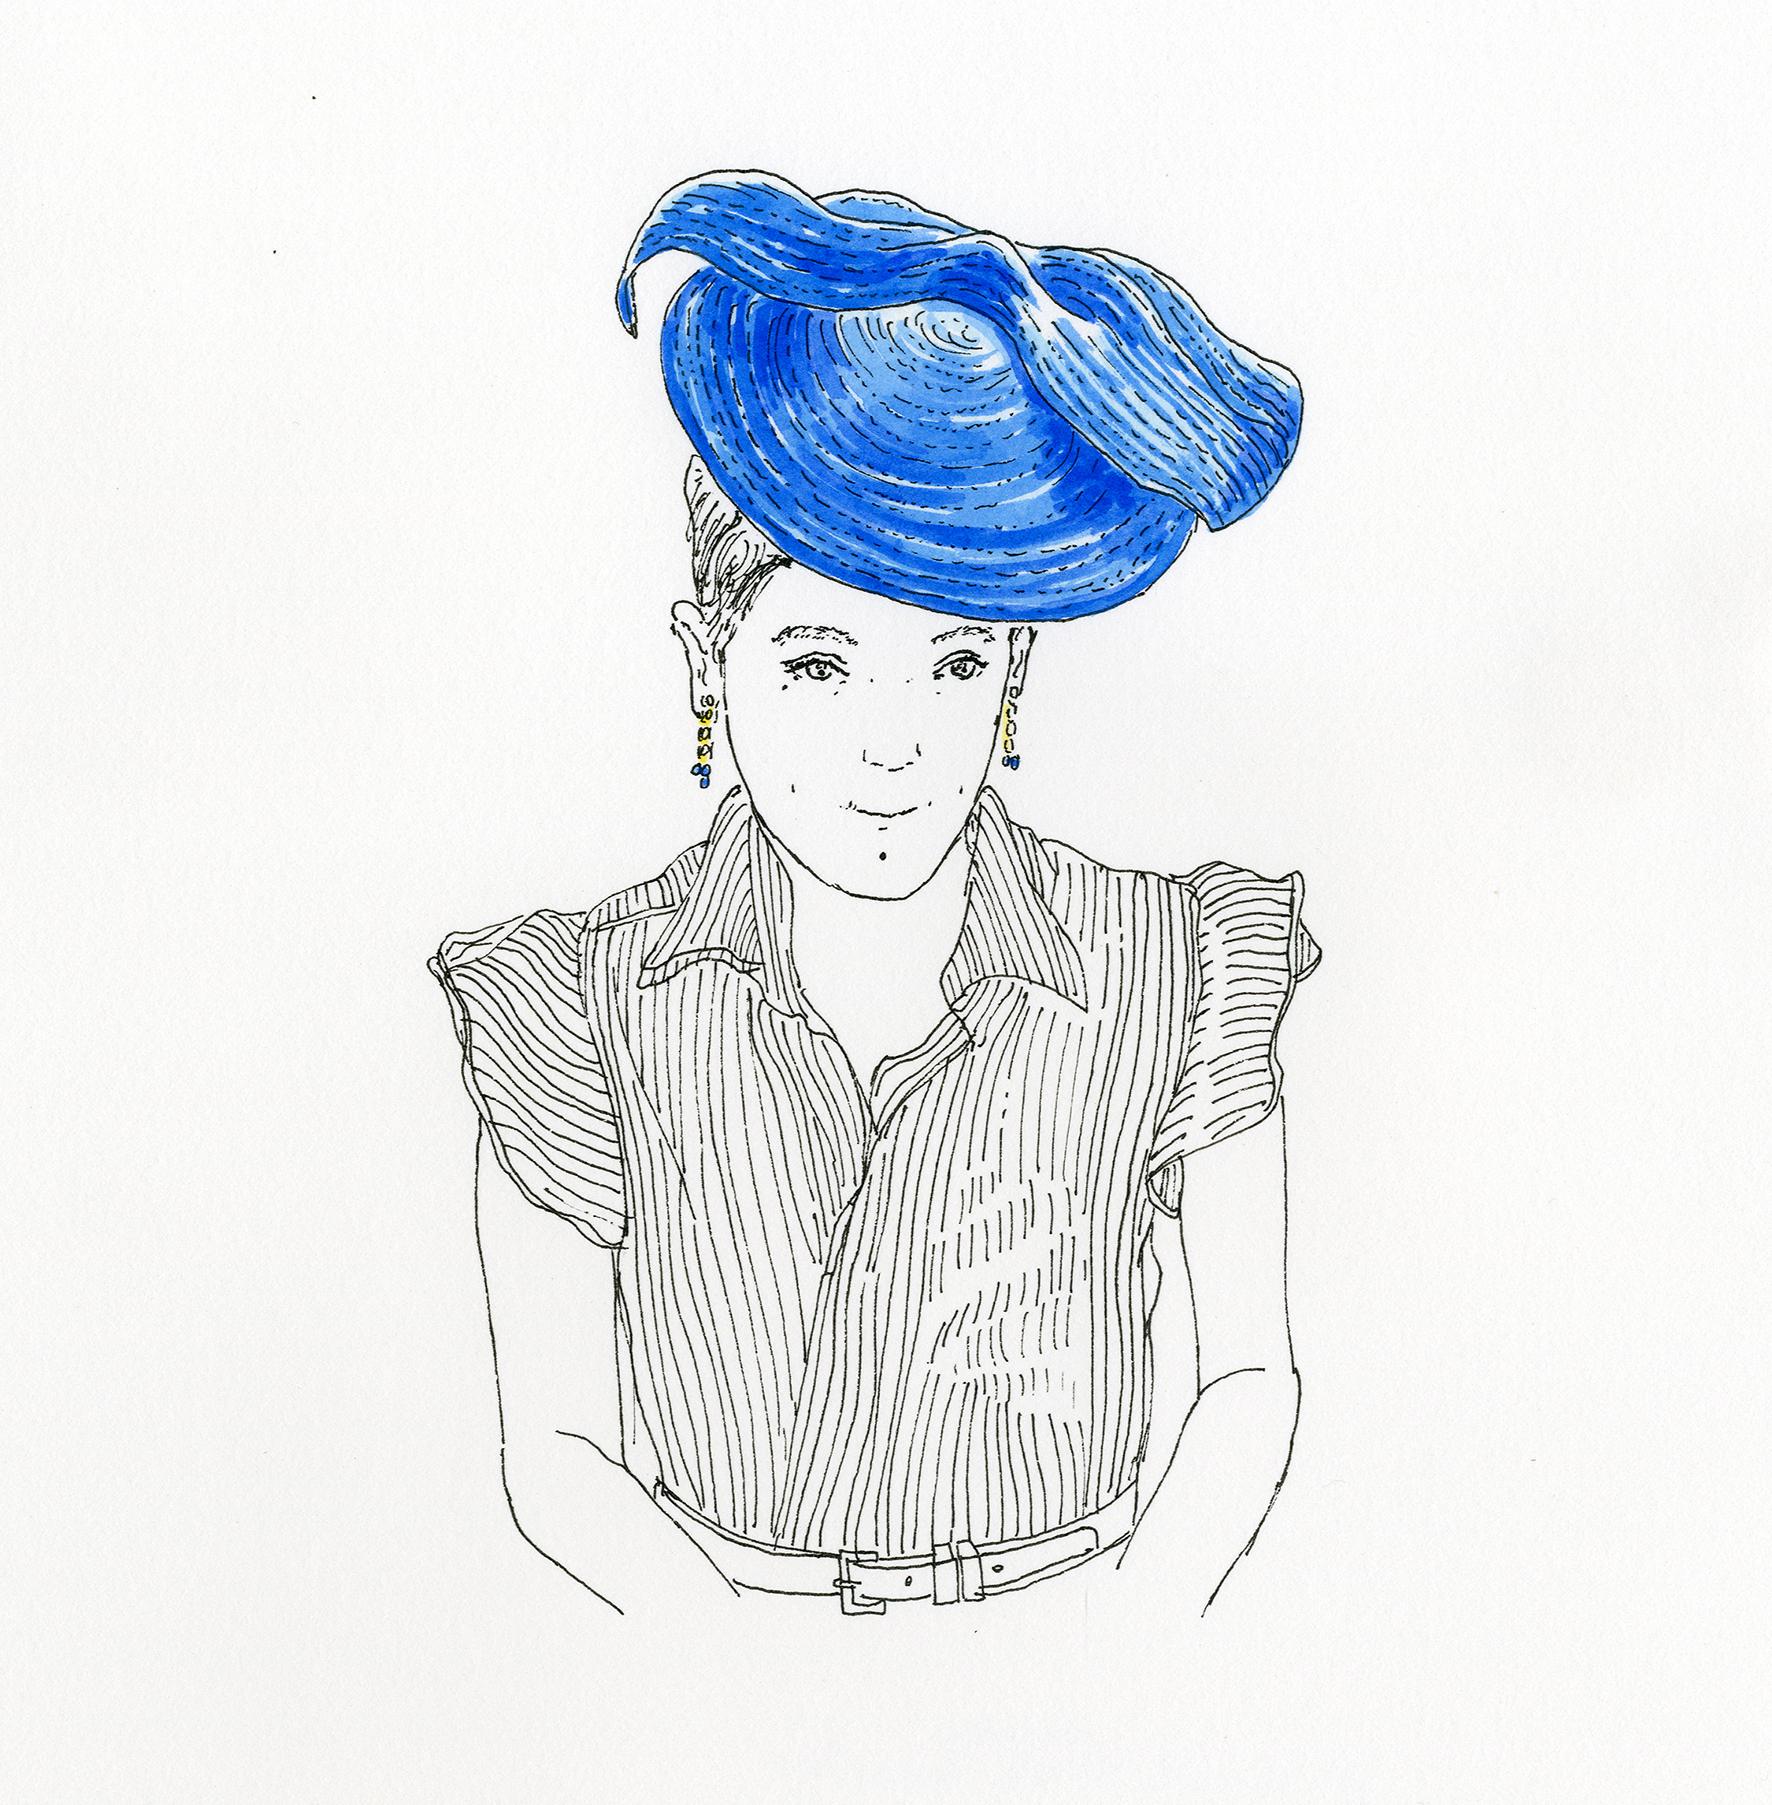 Autoportrait au bibi Ysé bleu, acheté chez Mademoiselle chapeau, 21.VII.2019. Encre de Chine et aquarelle sur papier, 30 x 30 cm.